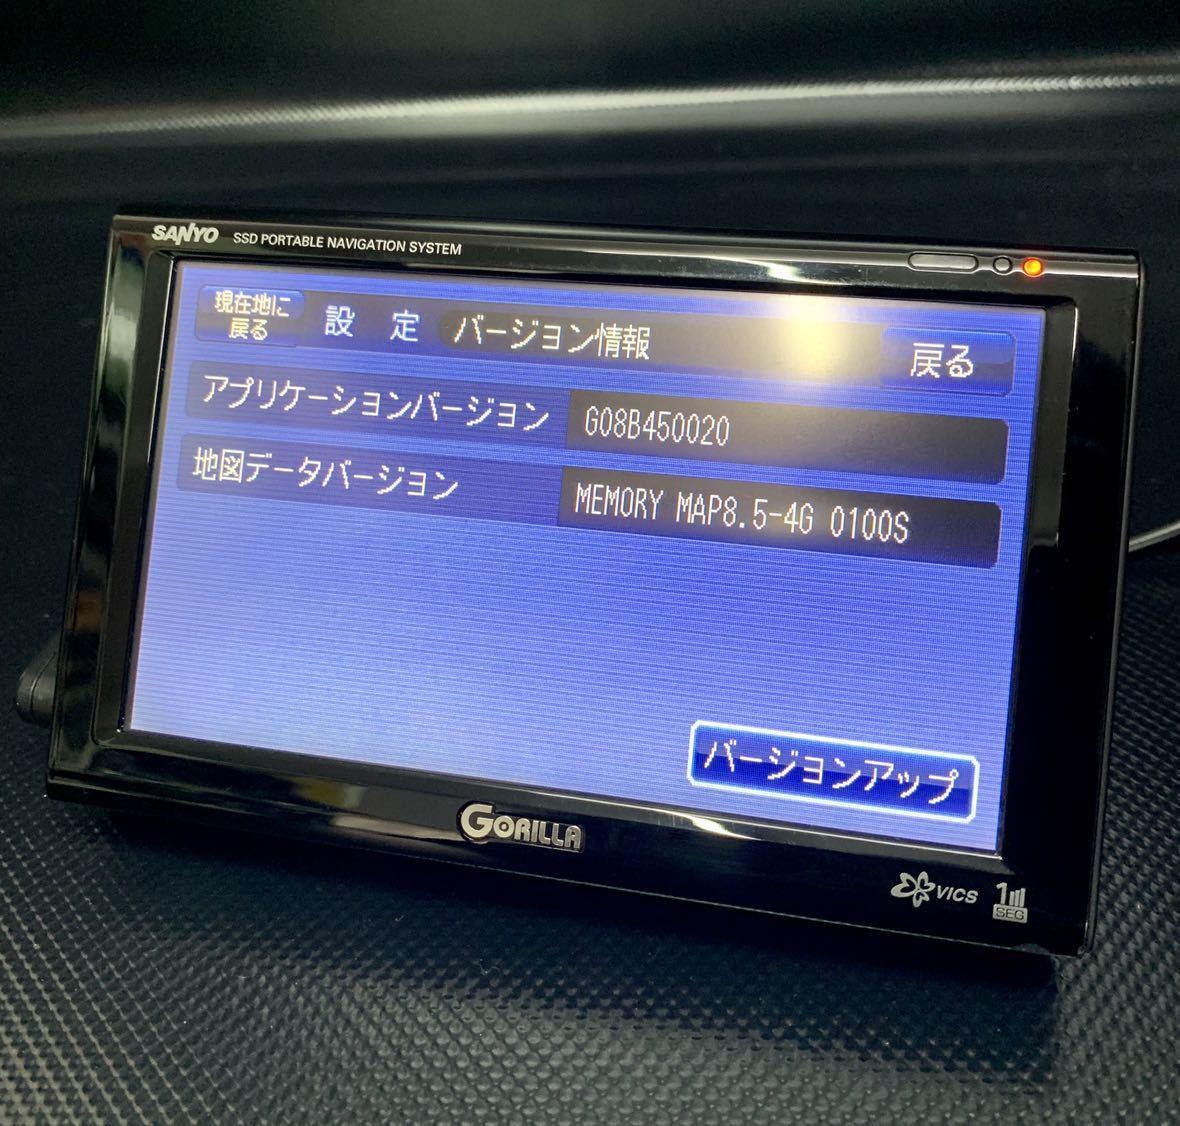 中古SANYO SSDポータブルナビゲーション NV-JM520DT ※検品済み本体のみ ワンセグ 現状売り切り品_画像2